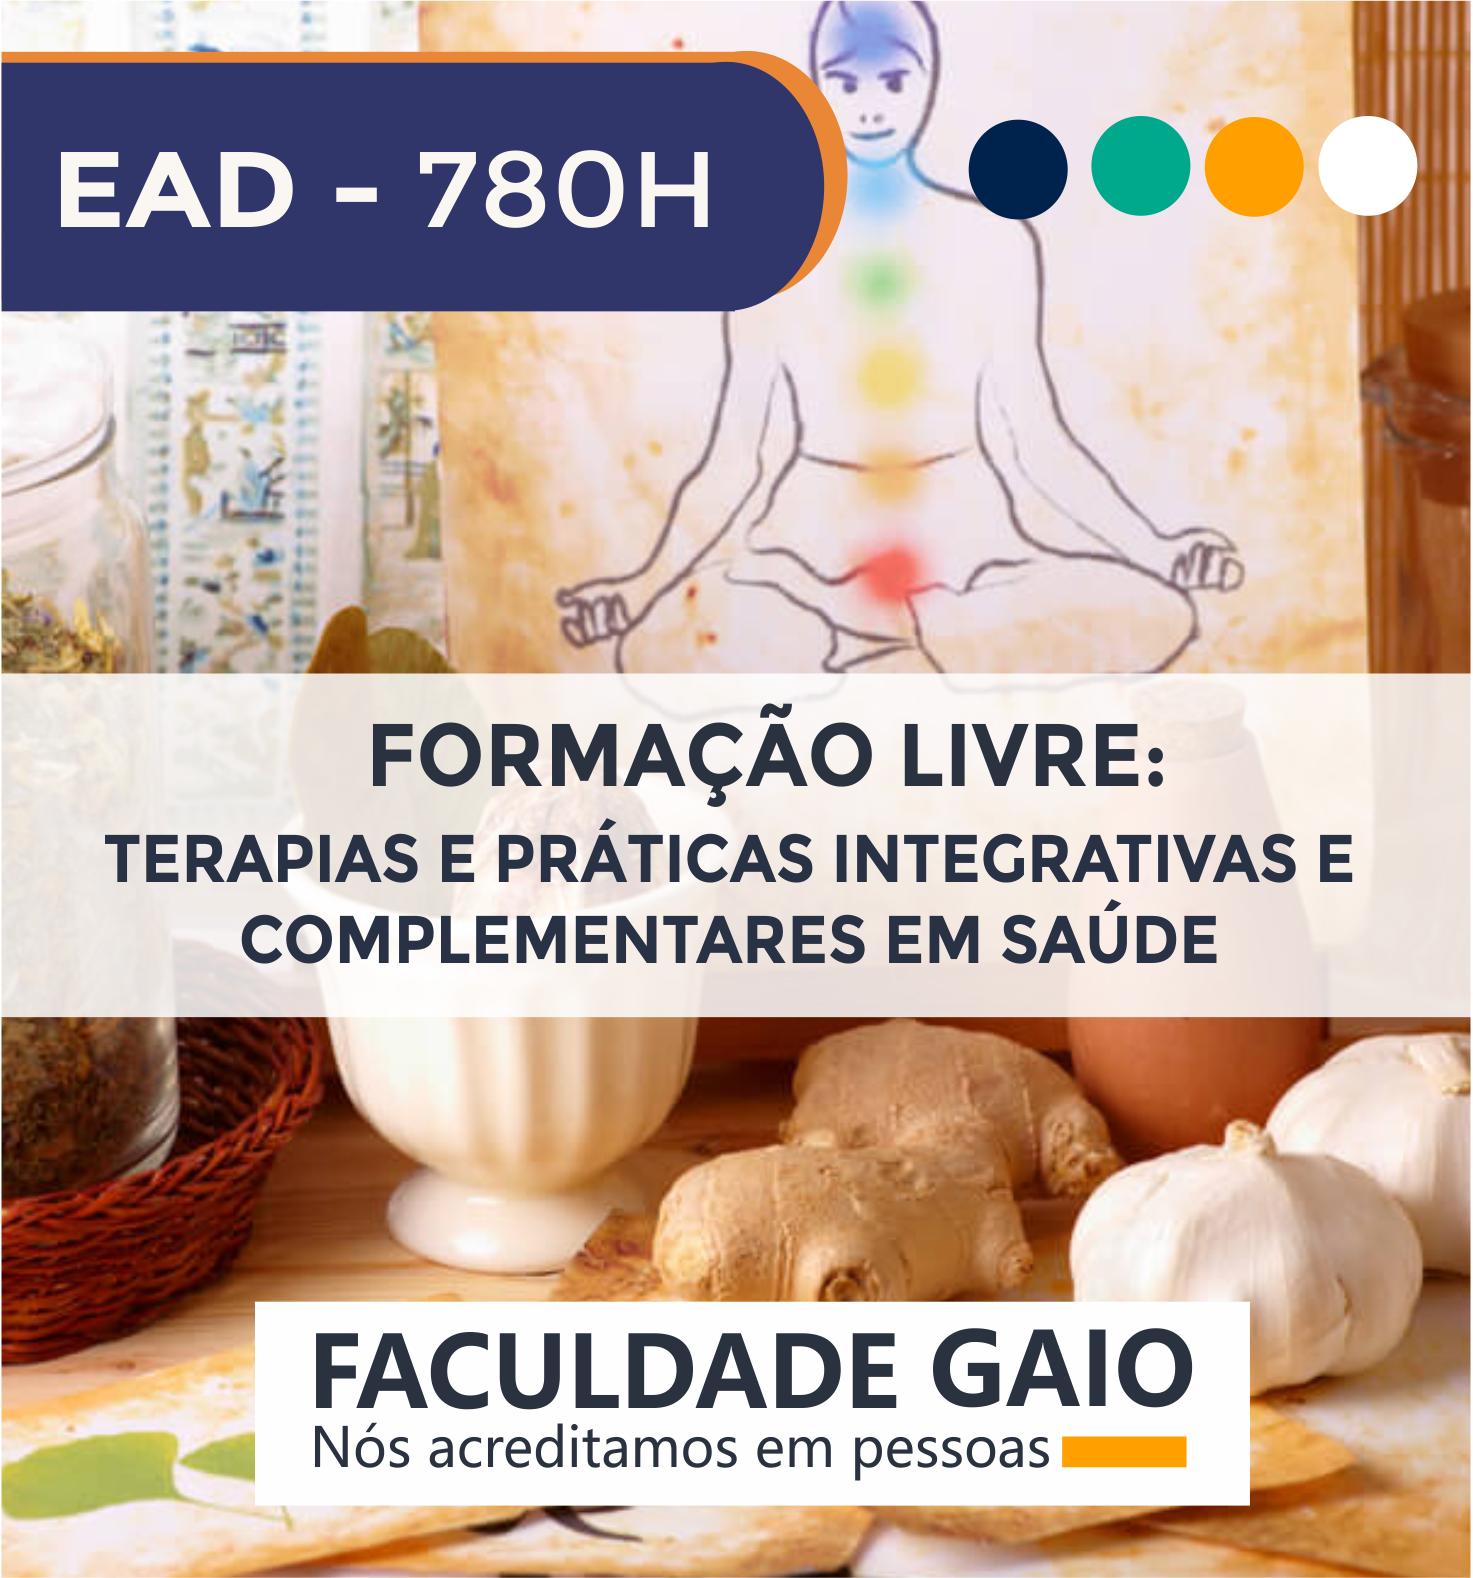 FORMAÇÃO LIVRE EM TERAPIAS E PRÁTICAS INTEGRATIVAS E COMPLEMENTARES EM SAÚDE  – EAD – 780H